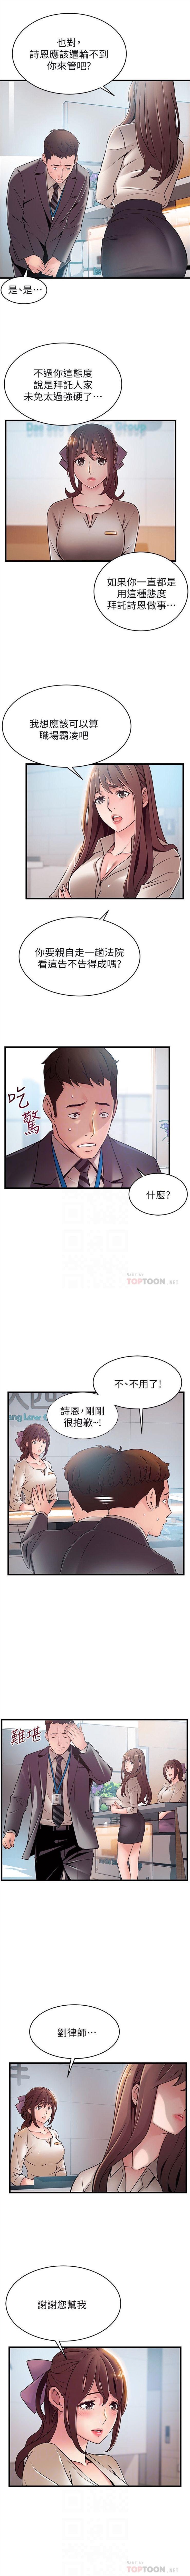 (周7)弱点 1-66 中文翻译(更新中) 329